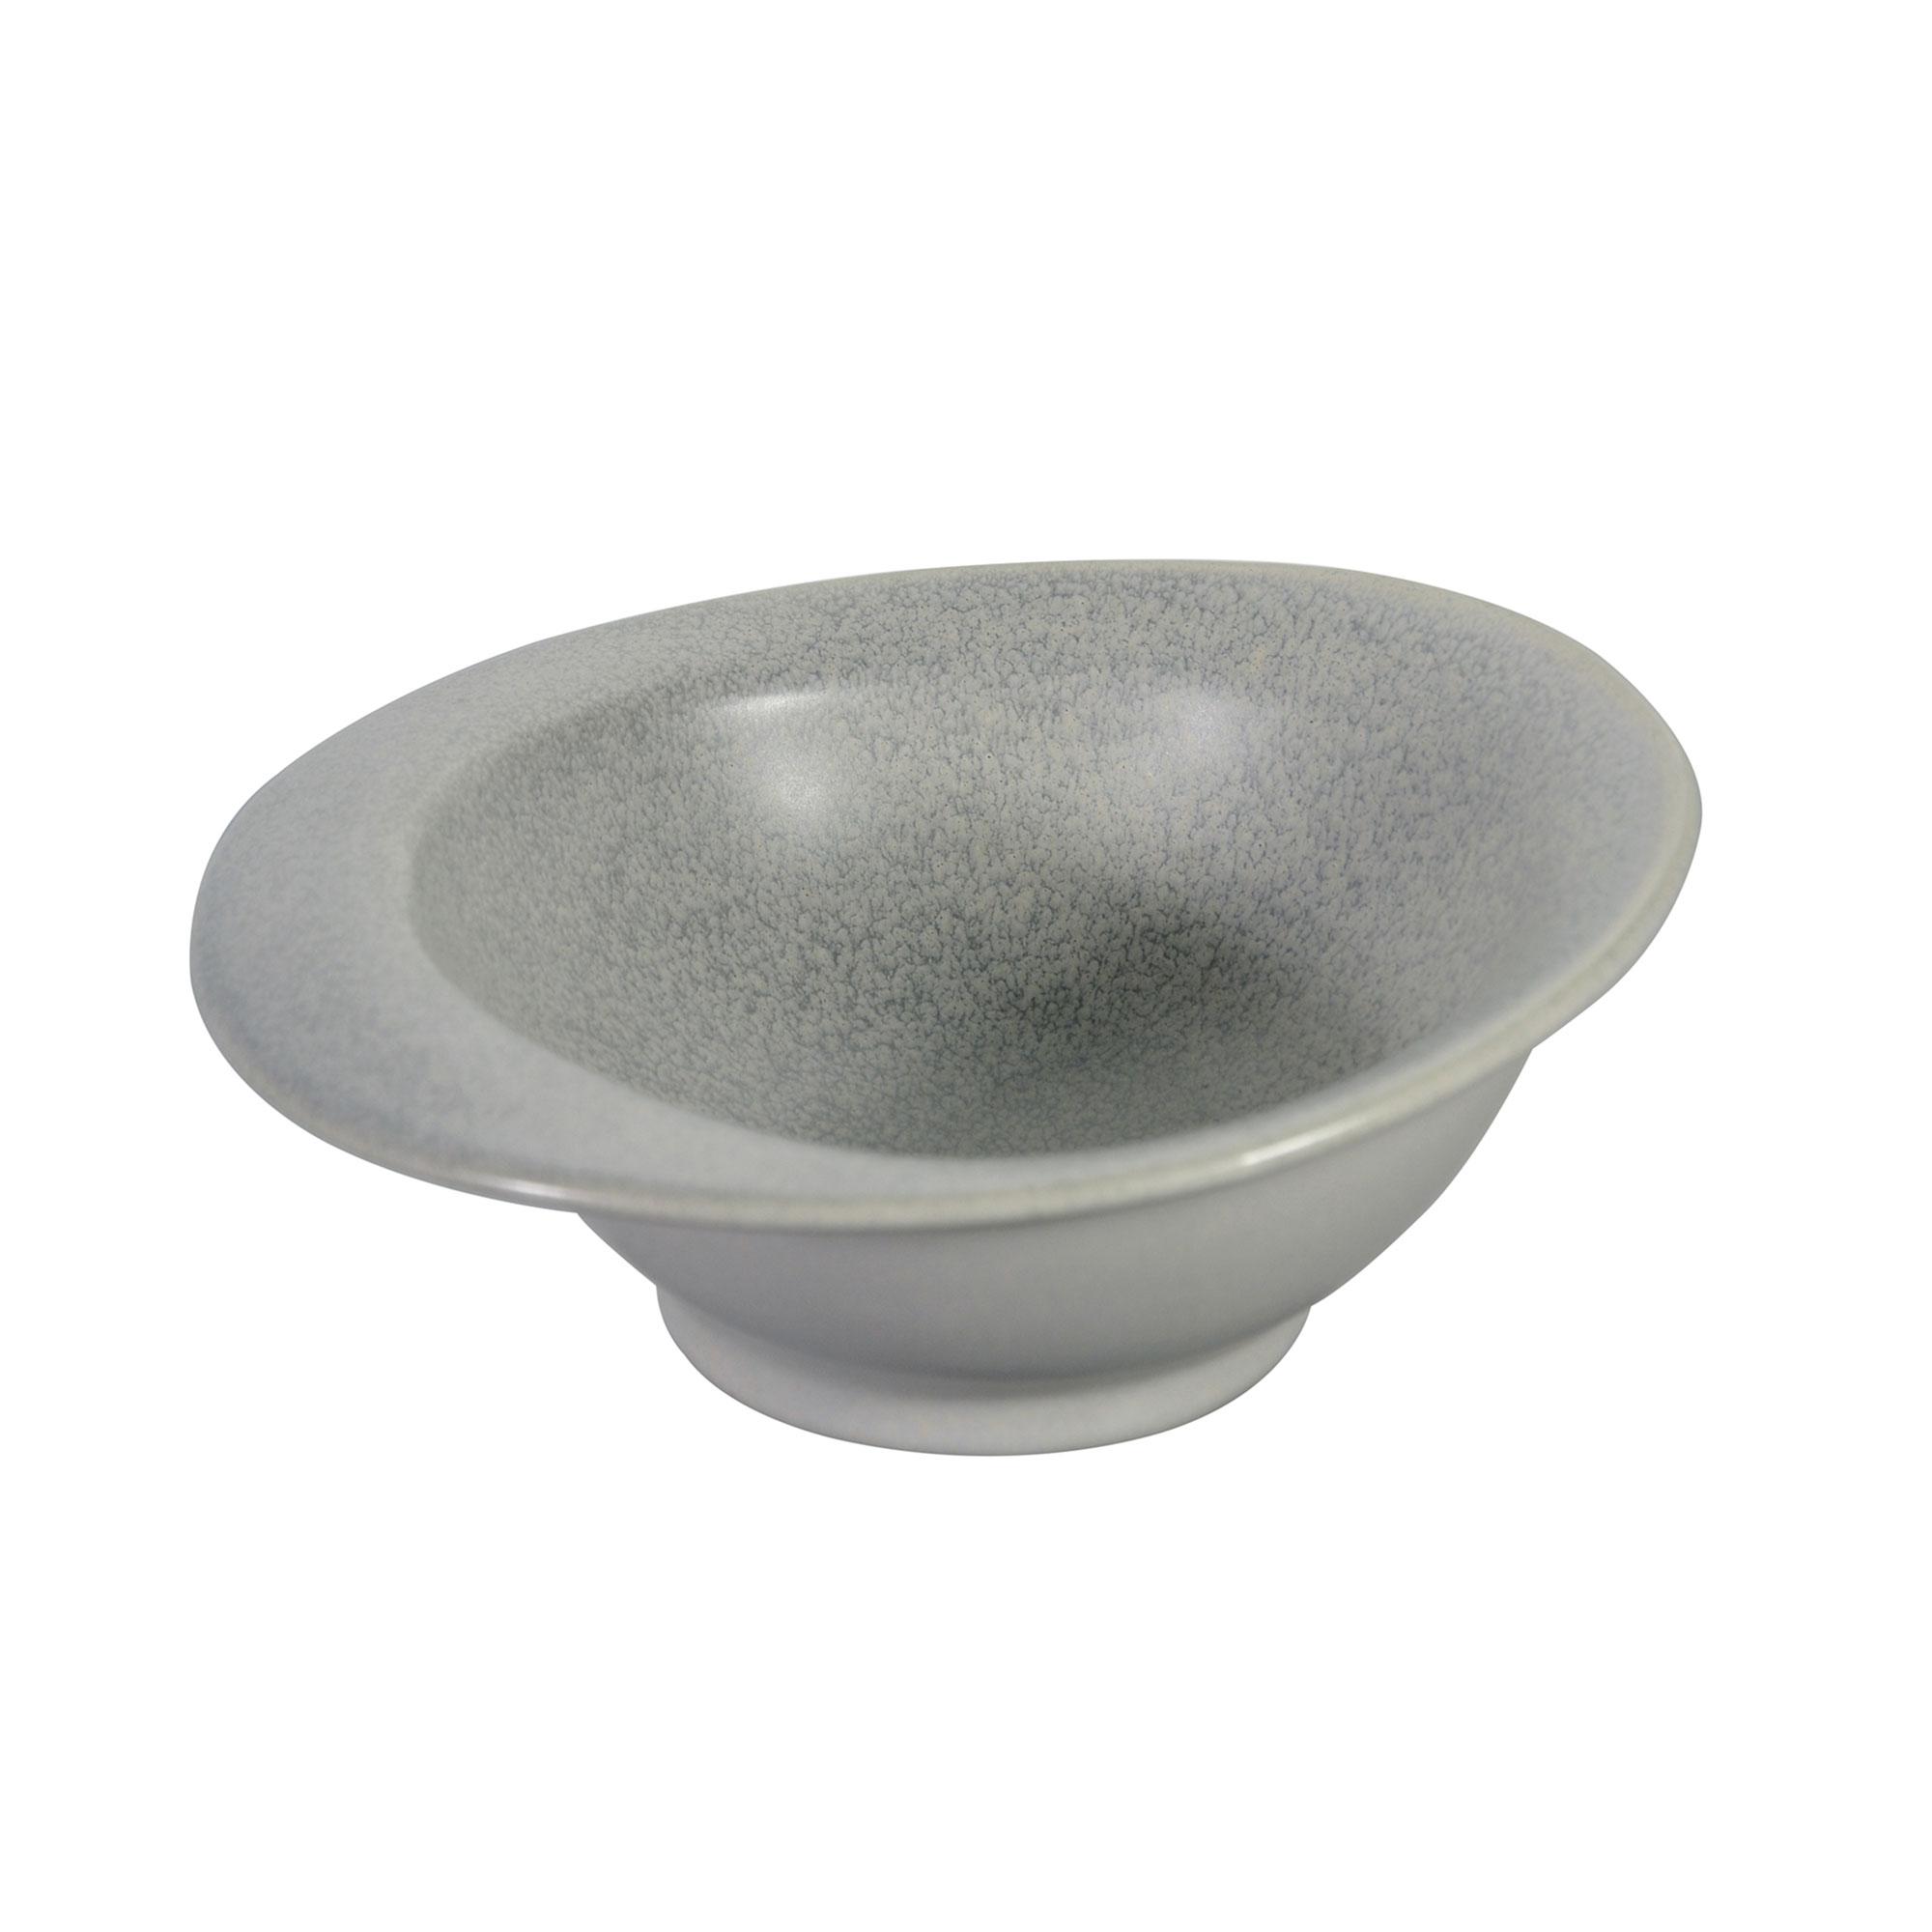 Coupelle en porcelaine gris 16,5 cm - Lot de 4